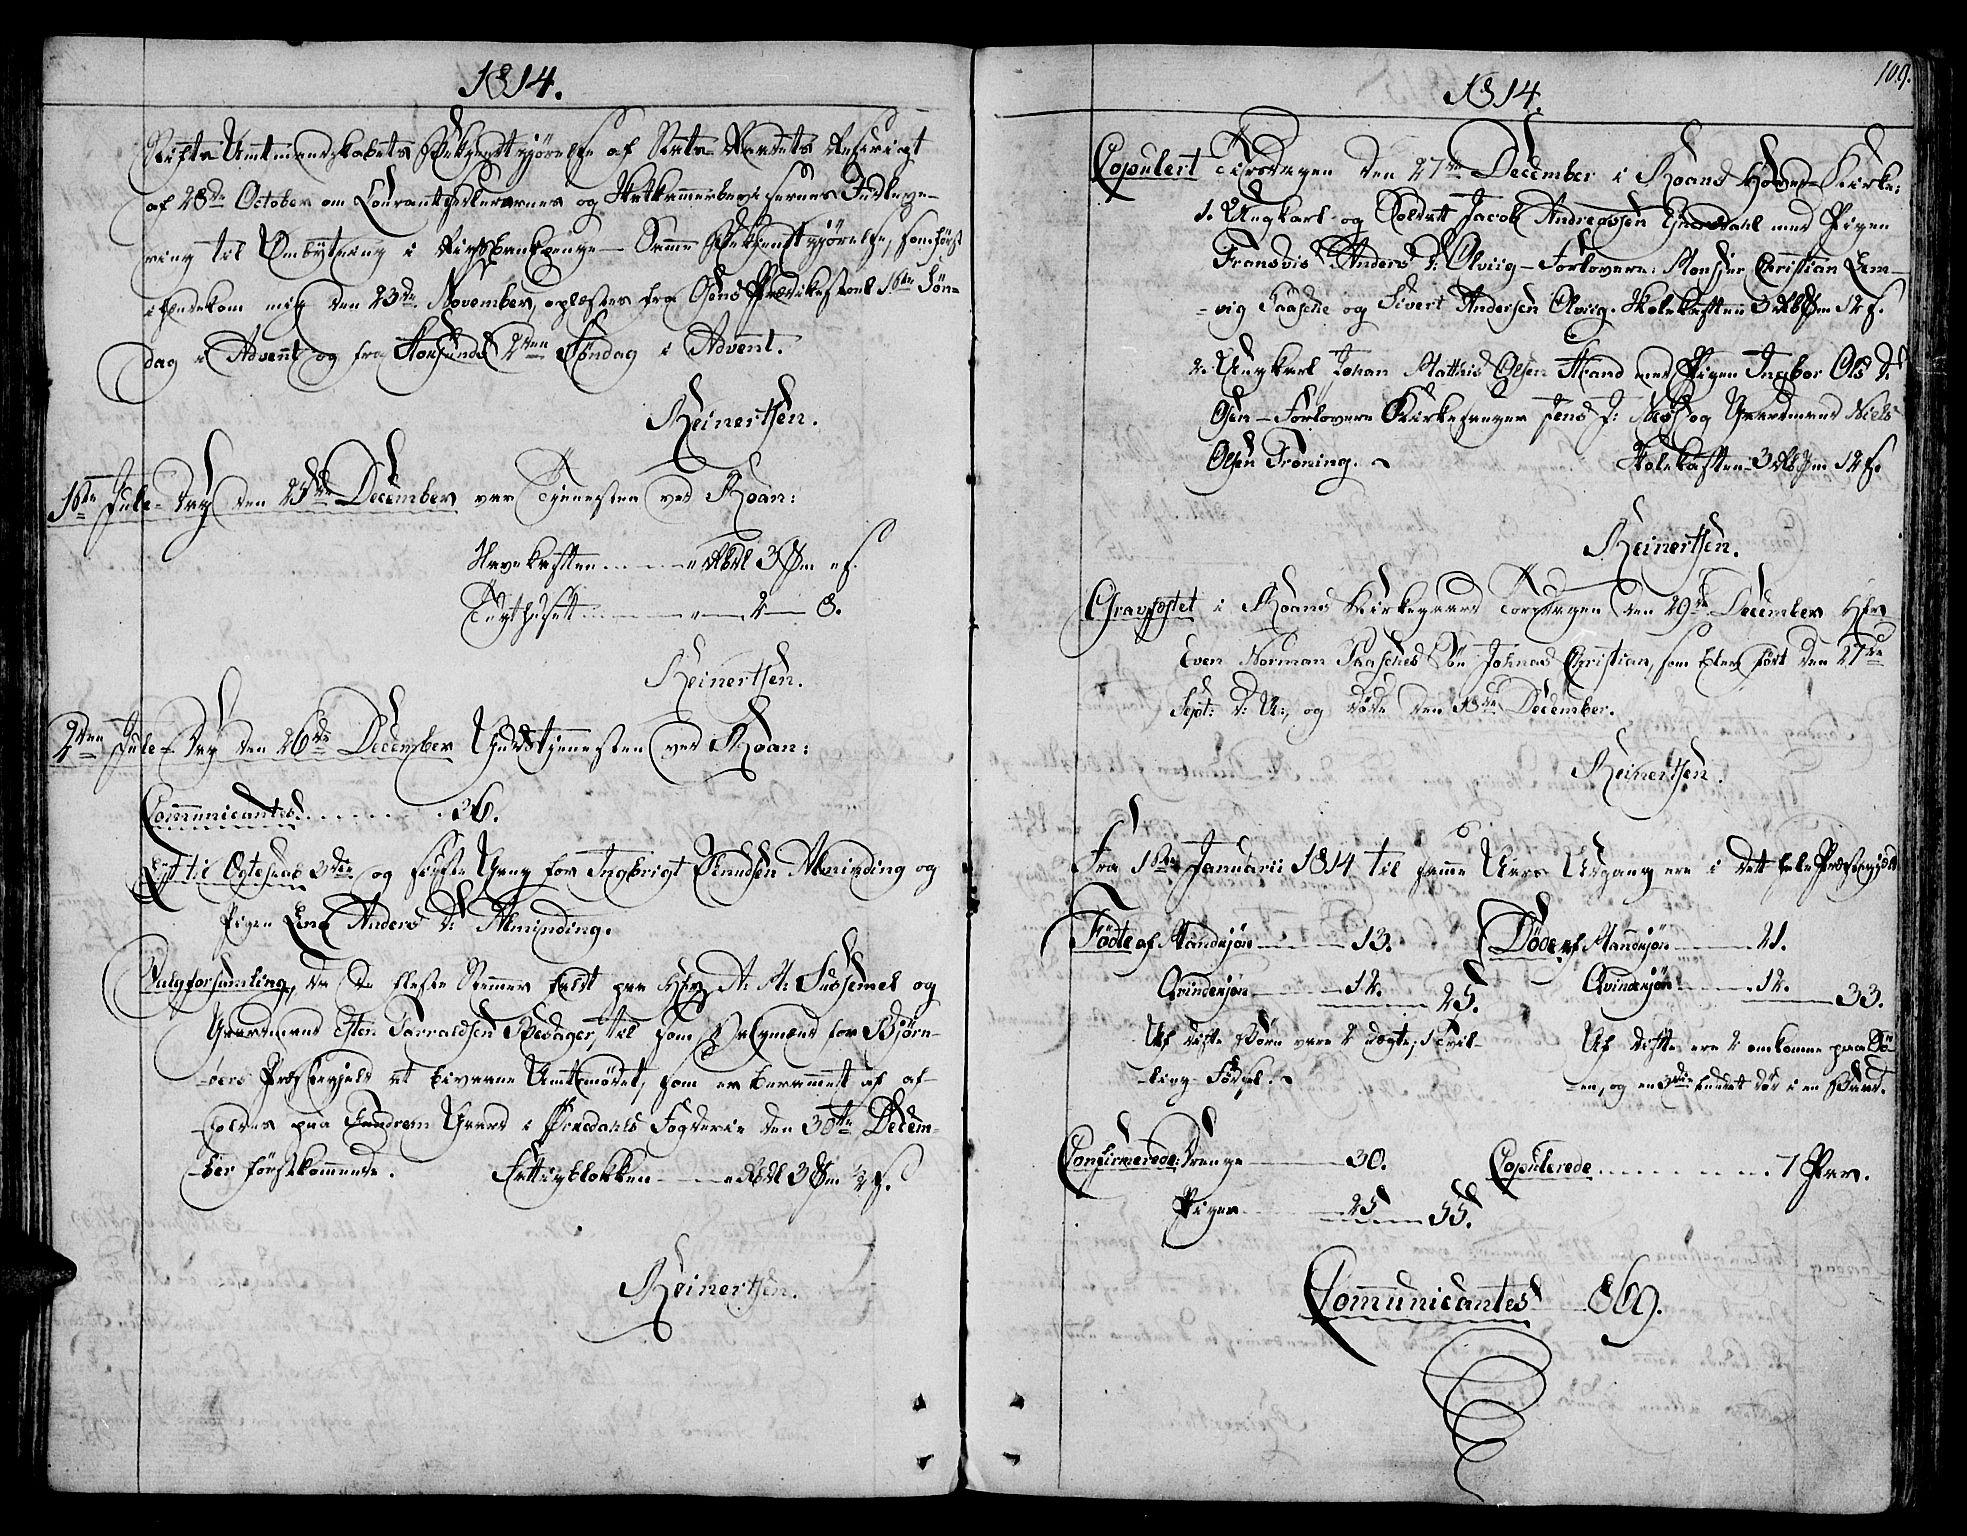 SAT, Ministerialprotokoller, klokkerbøker og fødselsregistre - Sør-Trøndelag, 657/L0701: Ministerialbok nr. 657A02, 1802-1831, s. 109